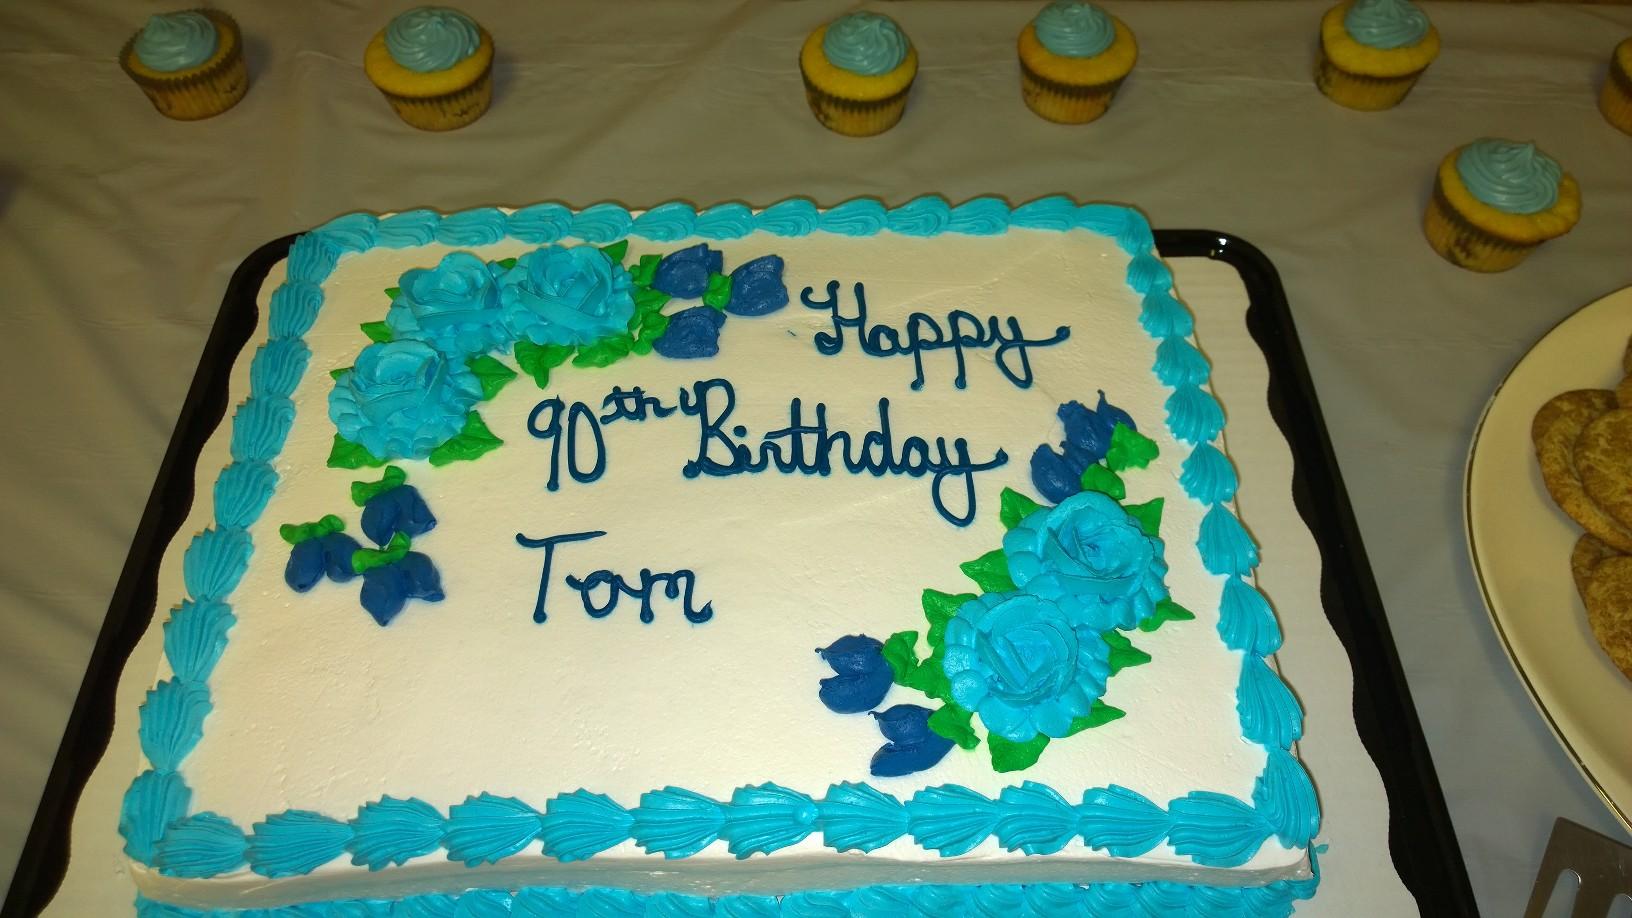 cc - Tom's cake.jpg